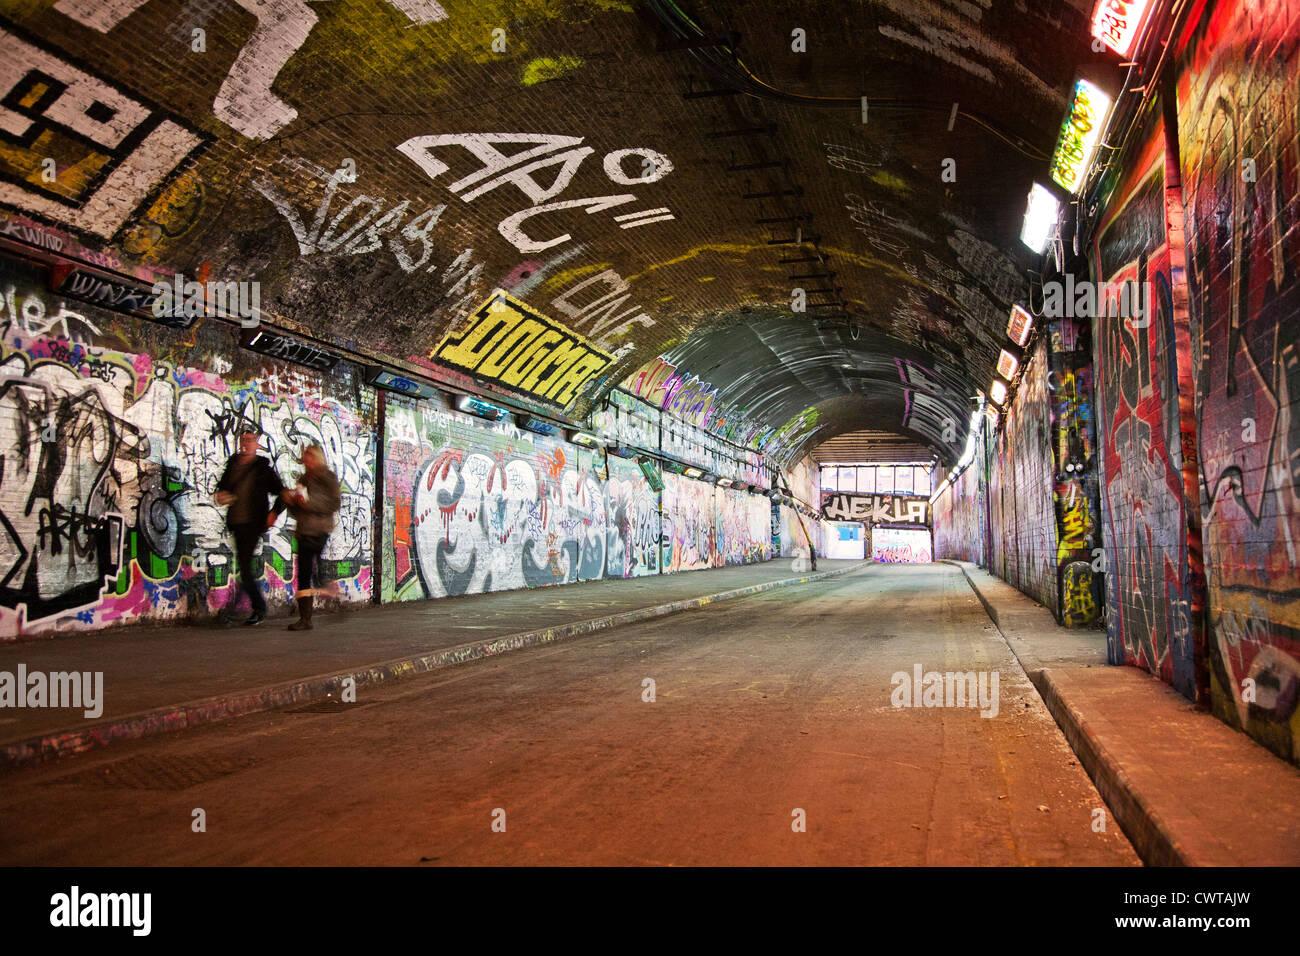 United Kingdom. England. London. Lambeth. Waterloo. Leake Street Tunnel. Authorised graffiti area. - Stock Image